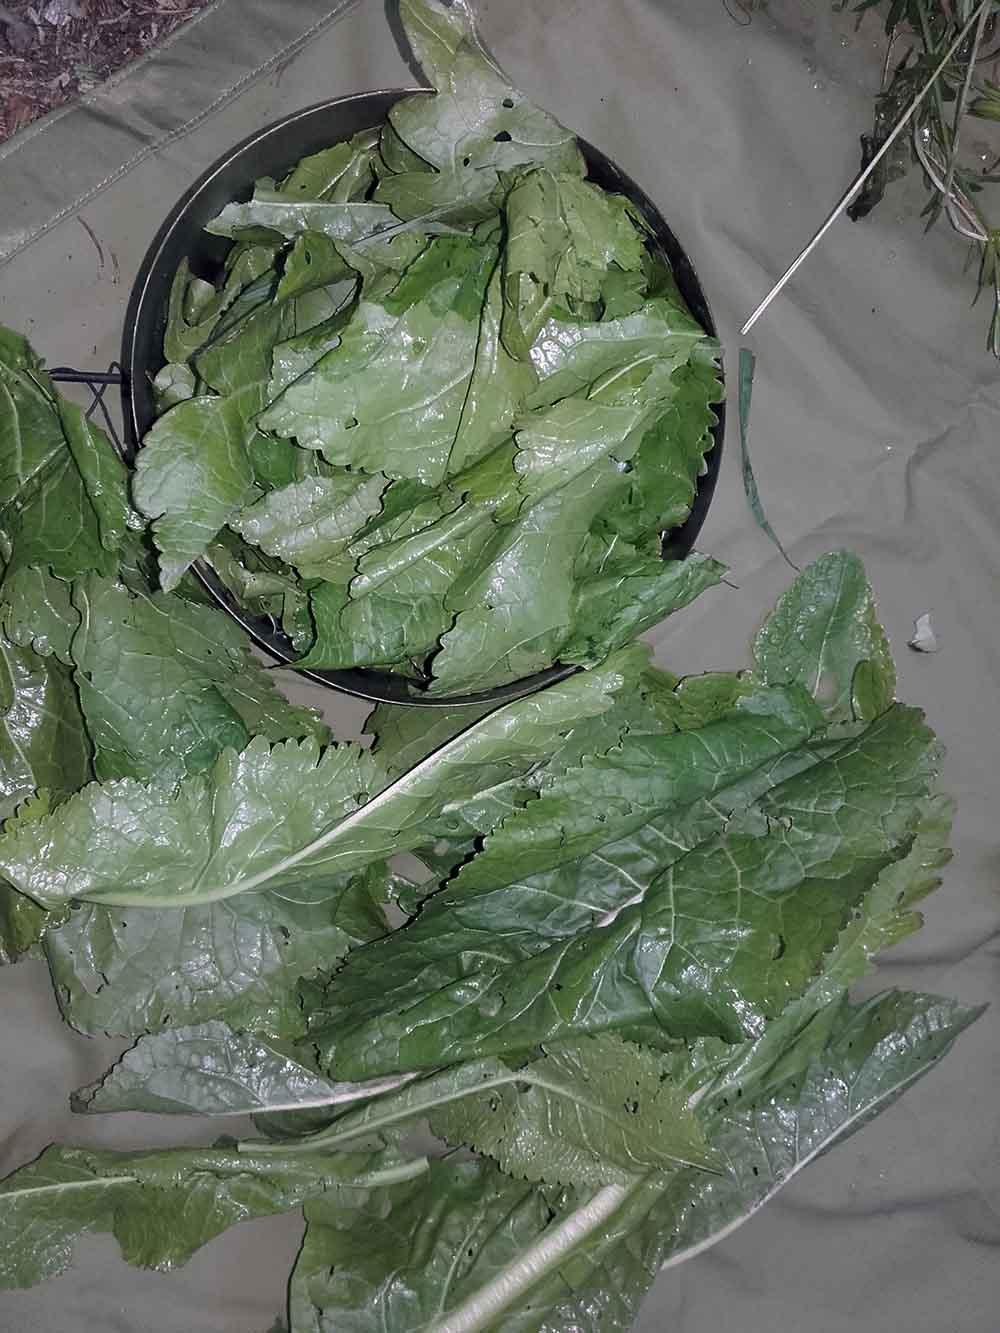 ochutnavka-horkych-rastlin-2